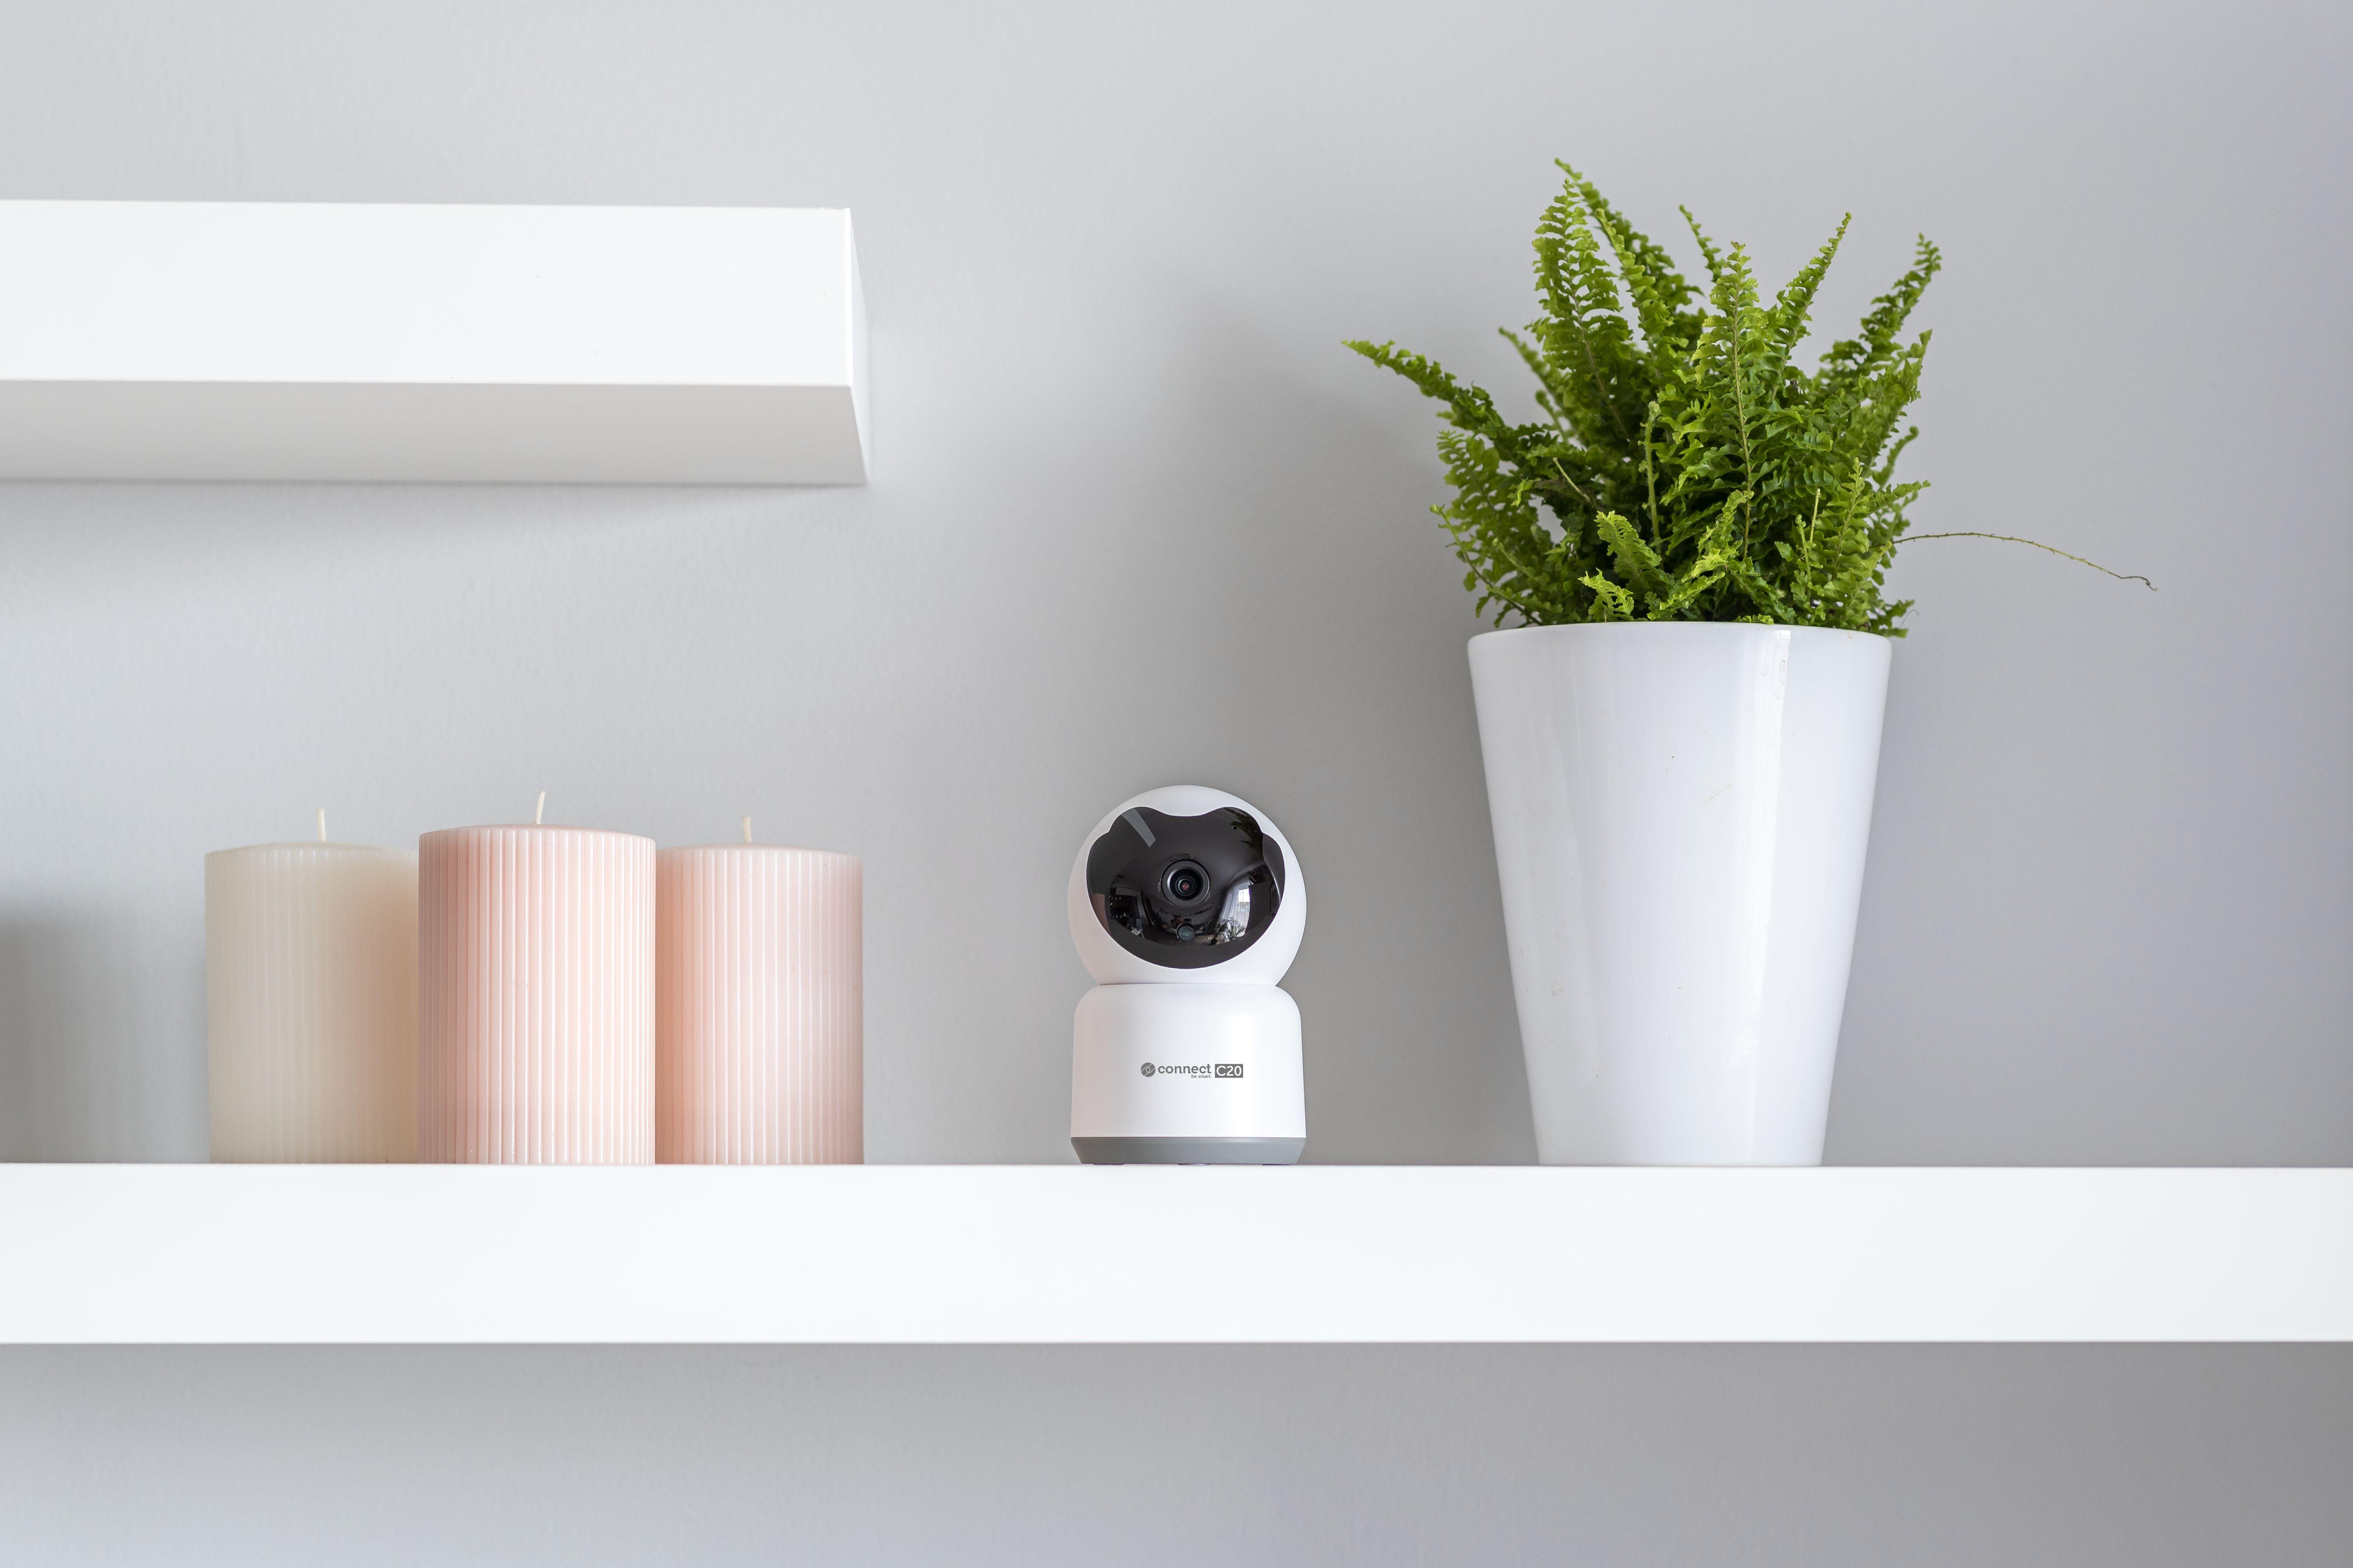 Kruger&Matz rozszerza ofertę smart home. Debiutują trzy nowe kamery